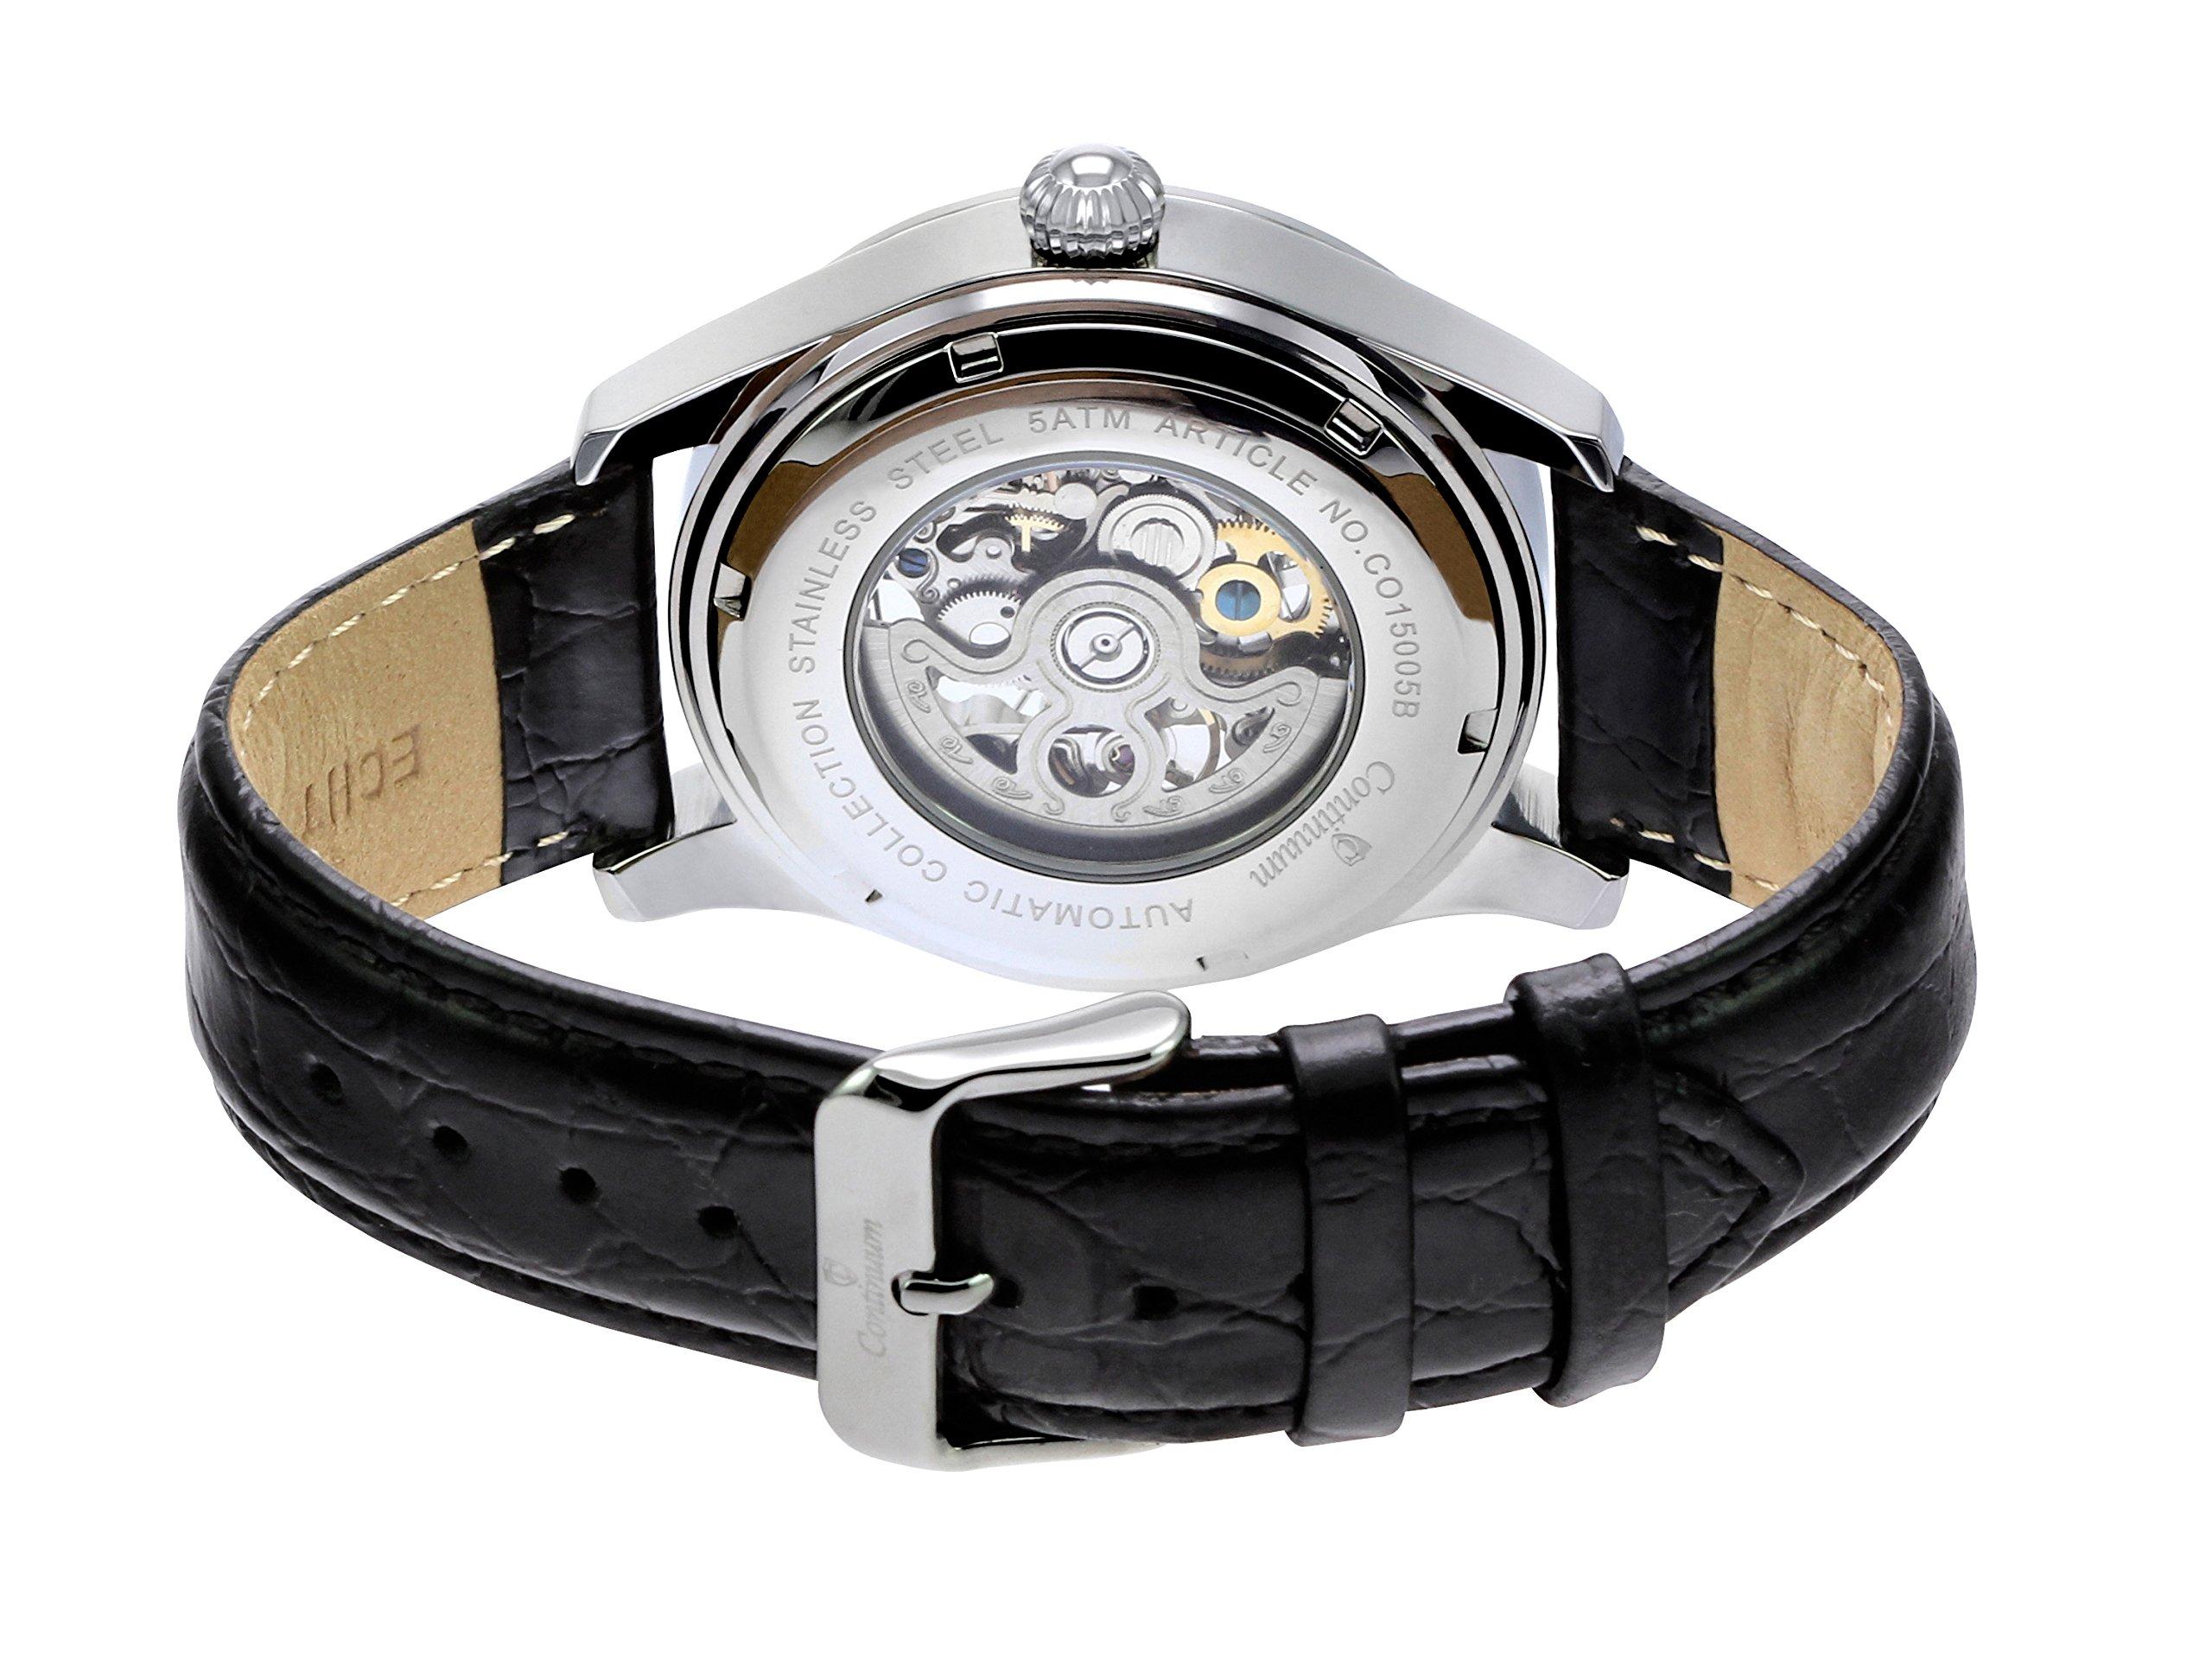 Continuum-Uhr-Automatikuhr-Armbanduhr-fr-Herren-Mnner-Analog-Skelettuhr-Herrenuhr-Mnneruhr-Leder-Armband-Schwarz-Wasserdicht-Klassisch-Elegant-Zifferblatt-CO15005B